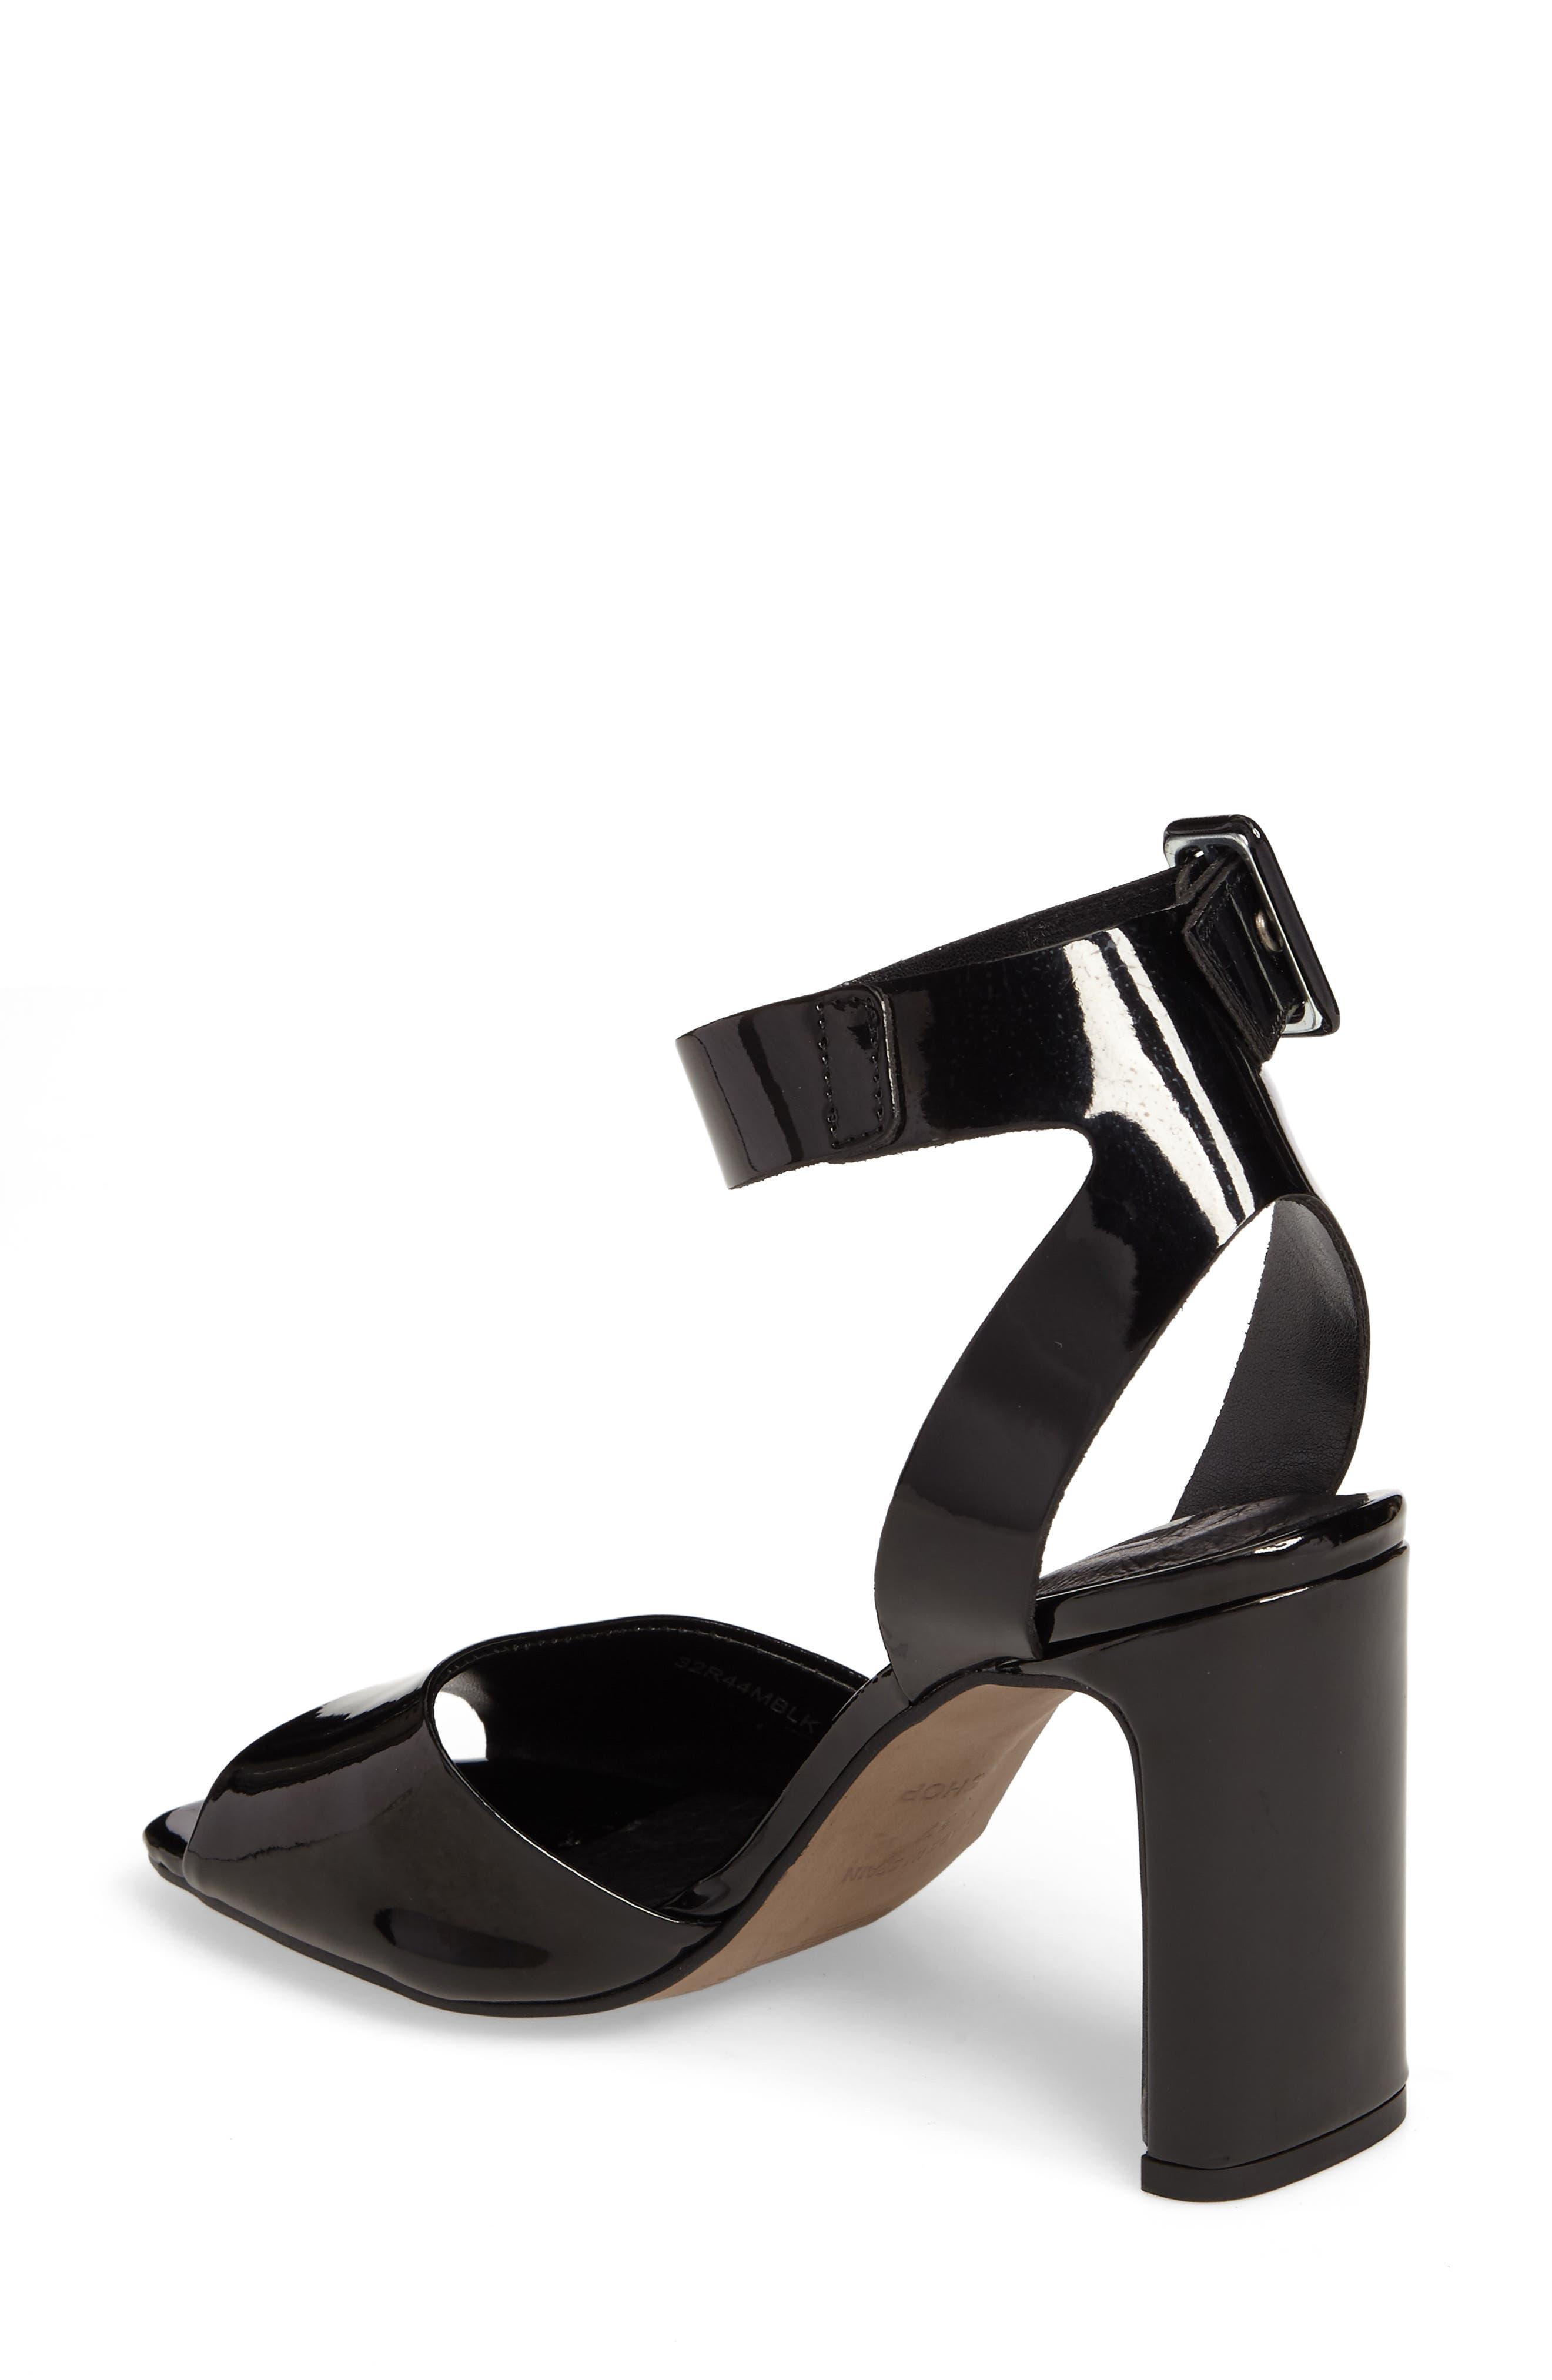 Roux Square Toe Sandal,                             Alternate thumbnail 2, color,                             Black